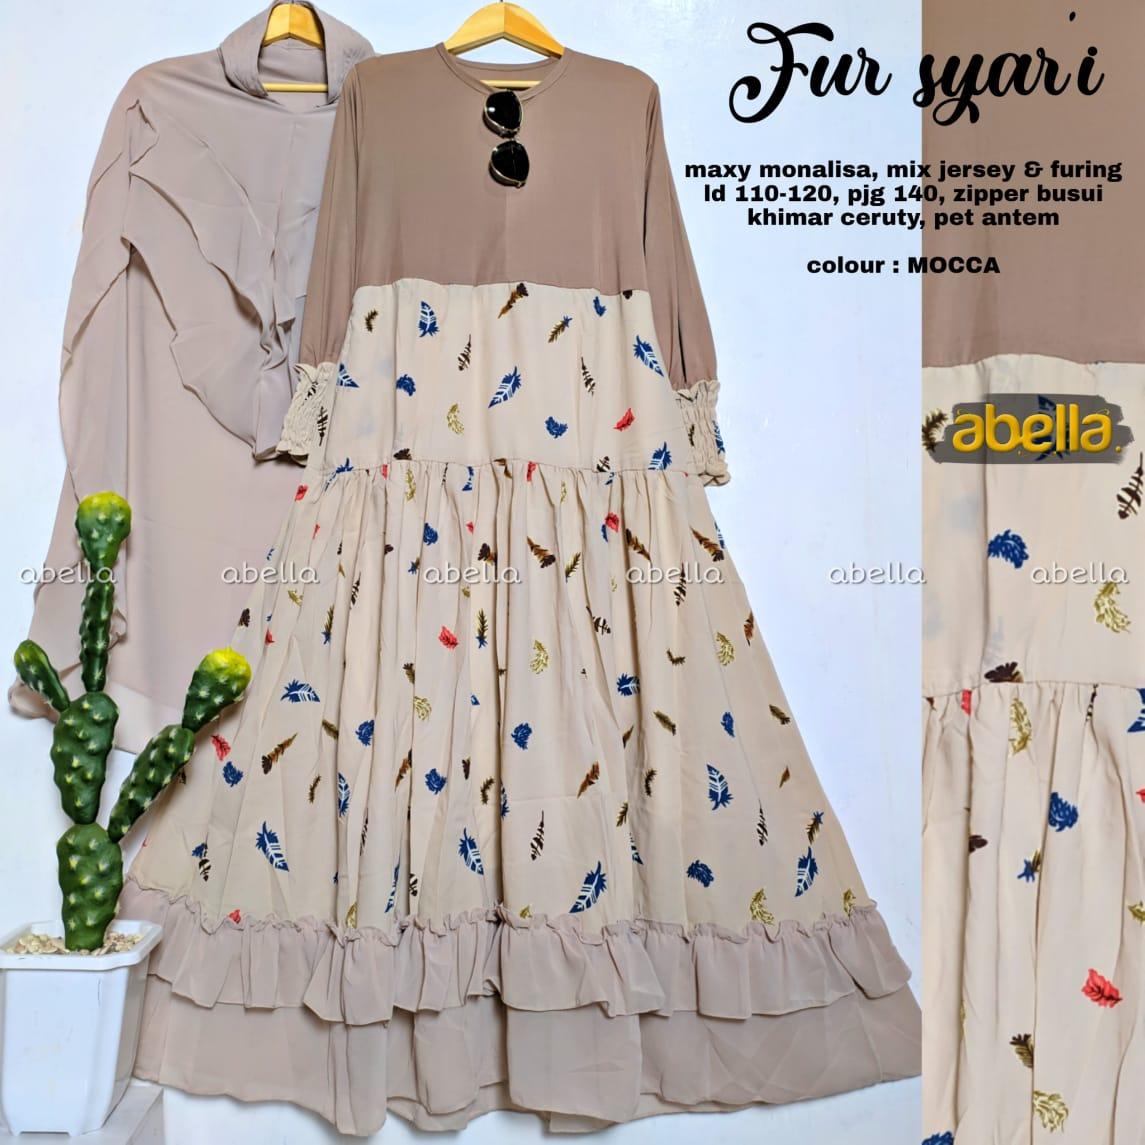 Fur Syari Monalisa Mix Jersey Busui Friendly Model Gamis Terbaru 8  Untuk RemajaModel Baju dress Panjang EleganDress Baju Muslim Wanita